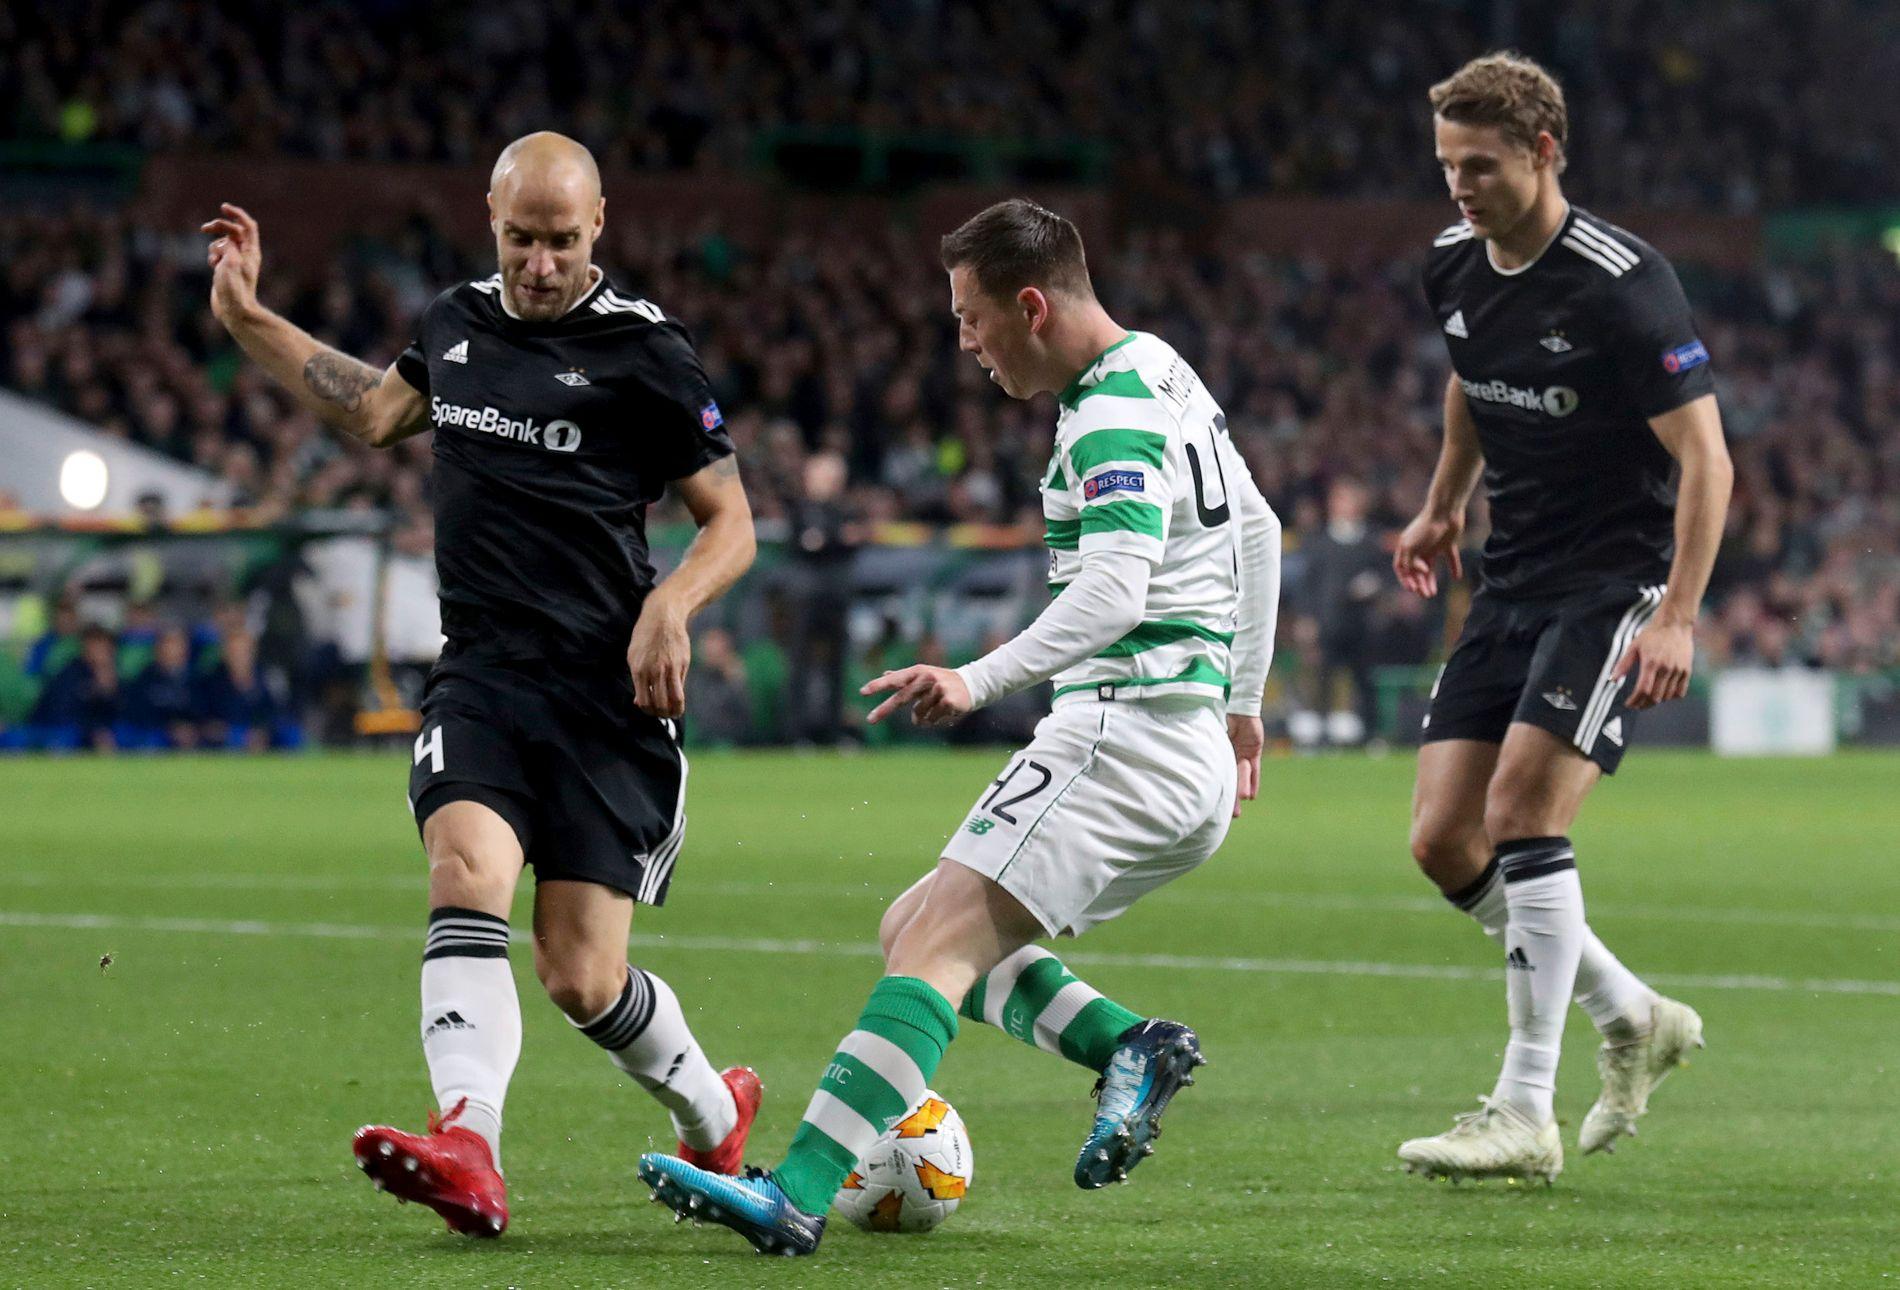 KAMP: Rosenborgs Tore Reginiussen (til venstre) og Vegar Eggen Hedenstad (til høyre) i kamp med Celtics Callum McGregor.